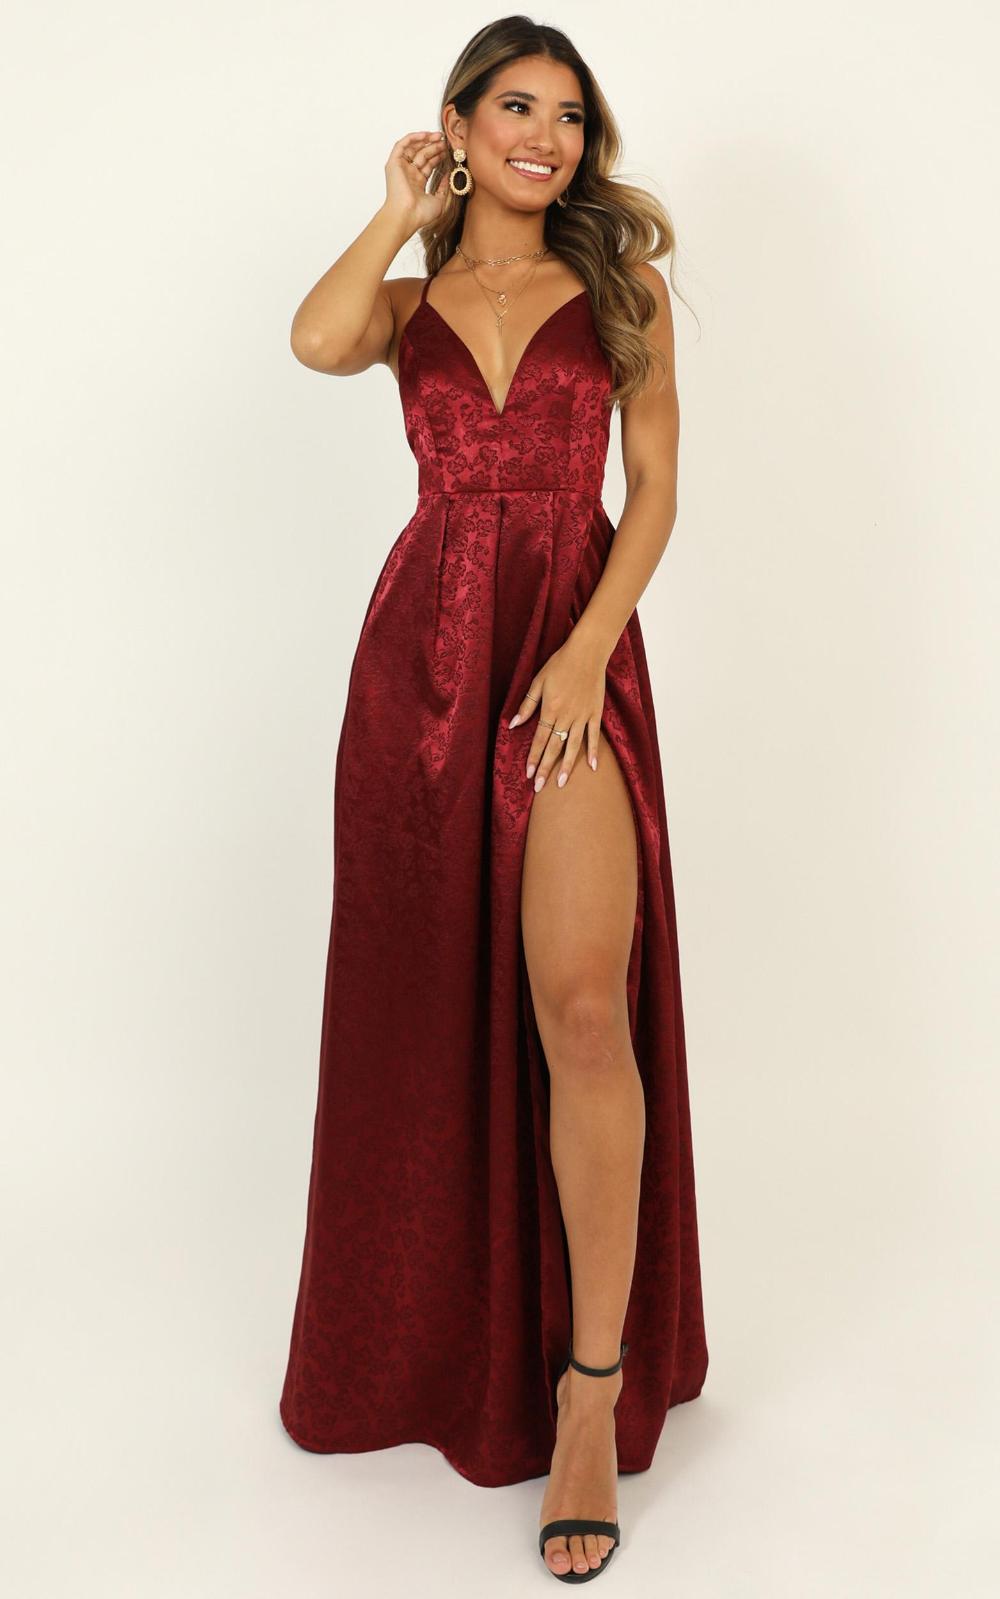 For Keeps Dress In Wine Jacquard Showpo Dresses Beauty Dress Fancy Dresses [ 1599 x 1000 Pixel ]